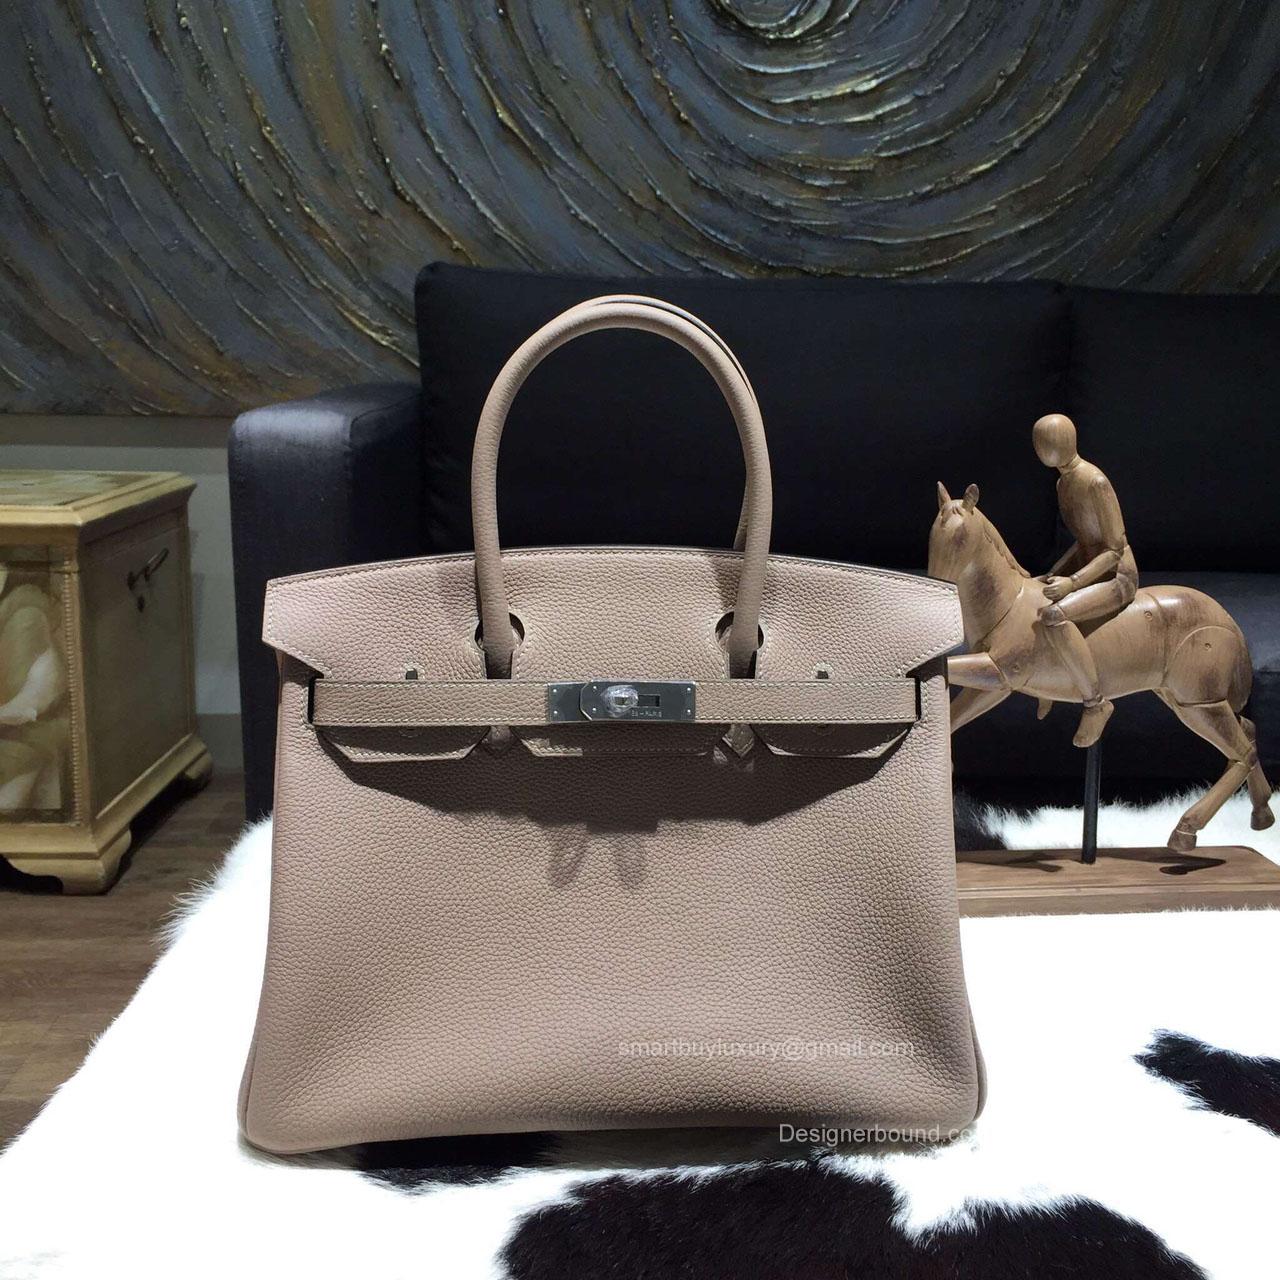 e07b9390b0b1 Hermes Birkin 35 Bag Gris Tourterelle CK81 Togo Leather Handstitched Silver  hw